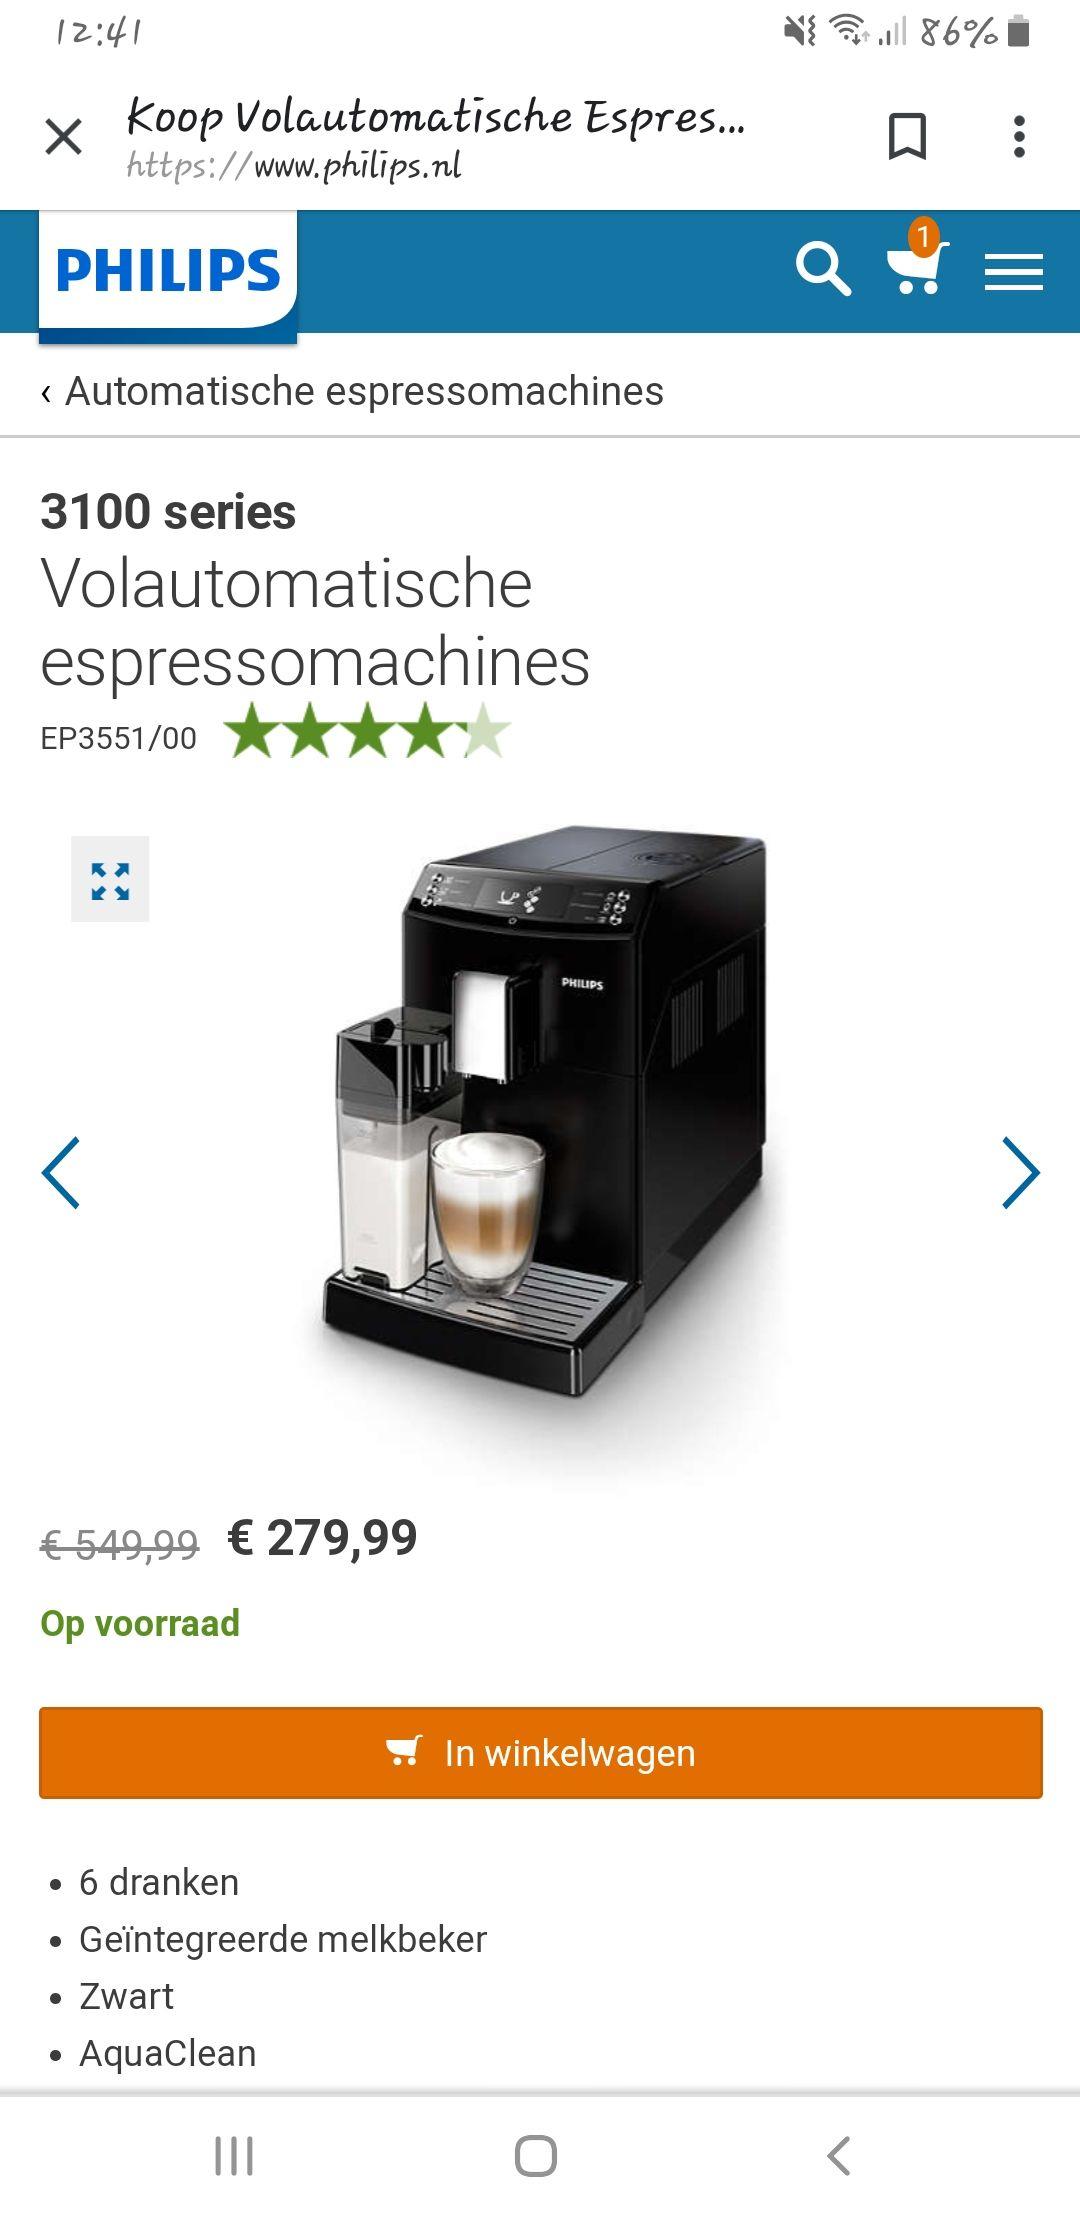 Volautomatische koffiemachine voor 279